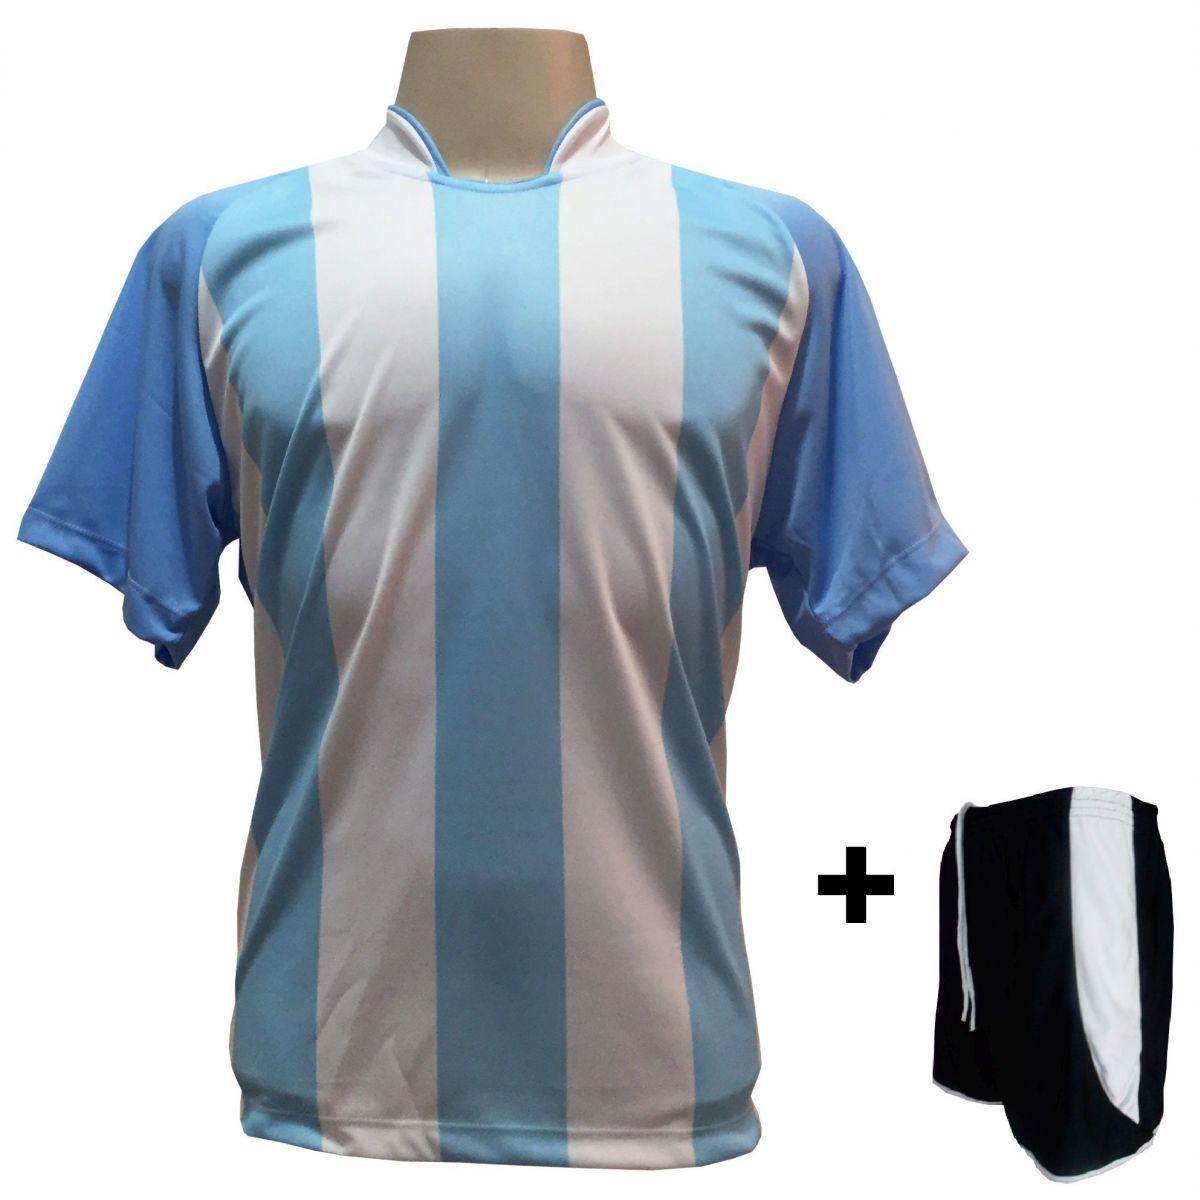 Uniforme Esportivo com 12 Camisas modelo Milan Celeste/Branco + 12 Calções modelo Copa Preto/Branco